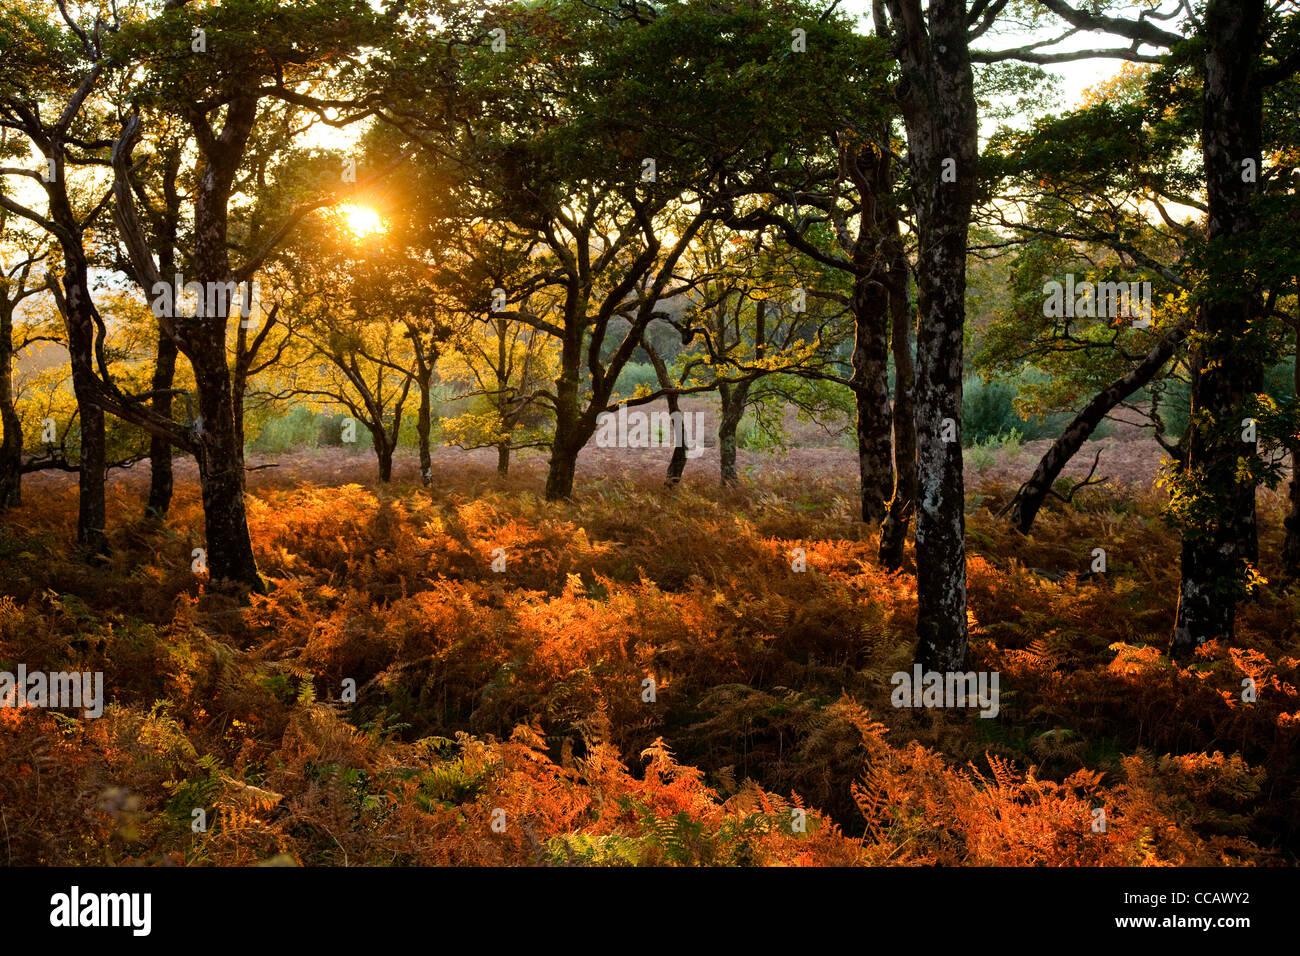 Luz del atardecer de otoño de la madera de roble, Erriff Woods, en el condado de Mayo, Irlanda. Imagen De Stock